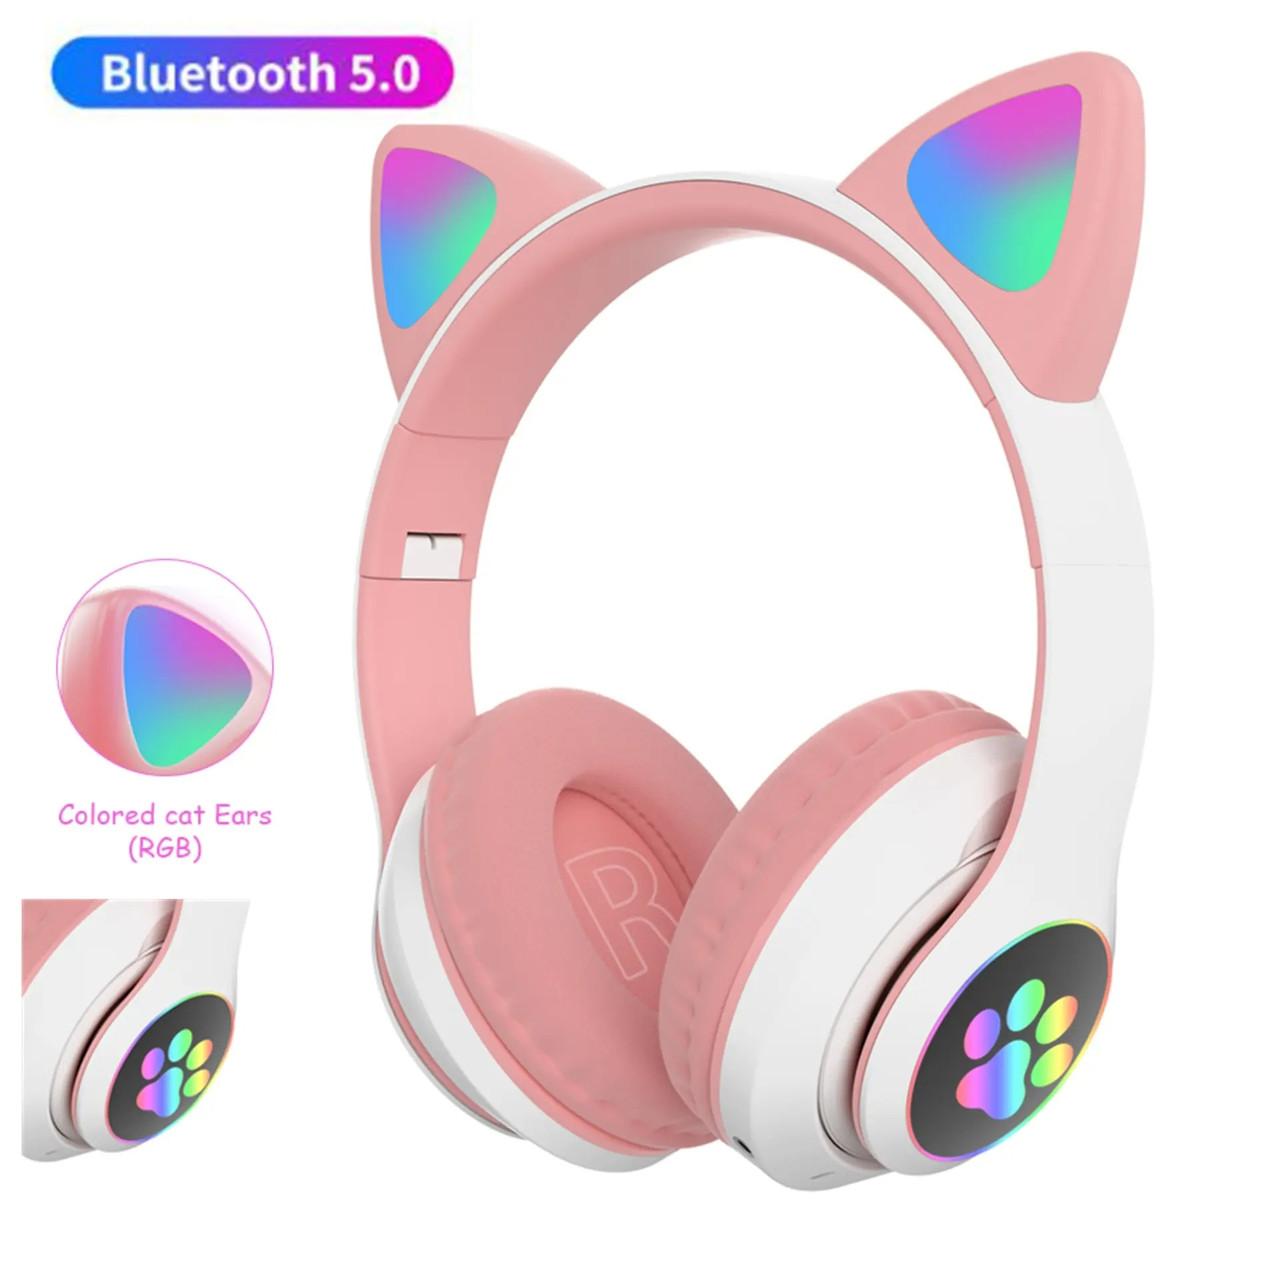 Навушники безпровідні Bluetooth з вушками Cat STN-28 слот для флешки